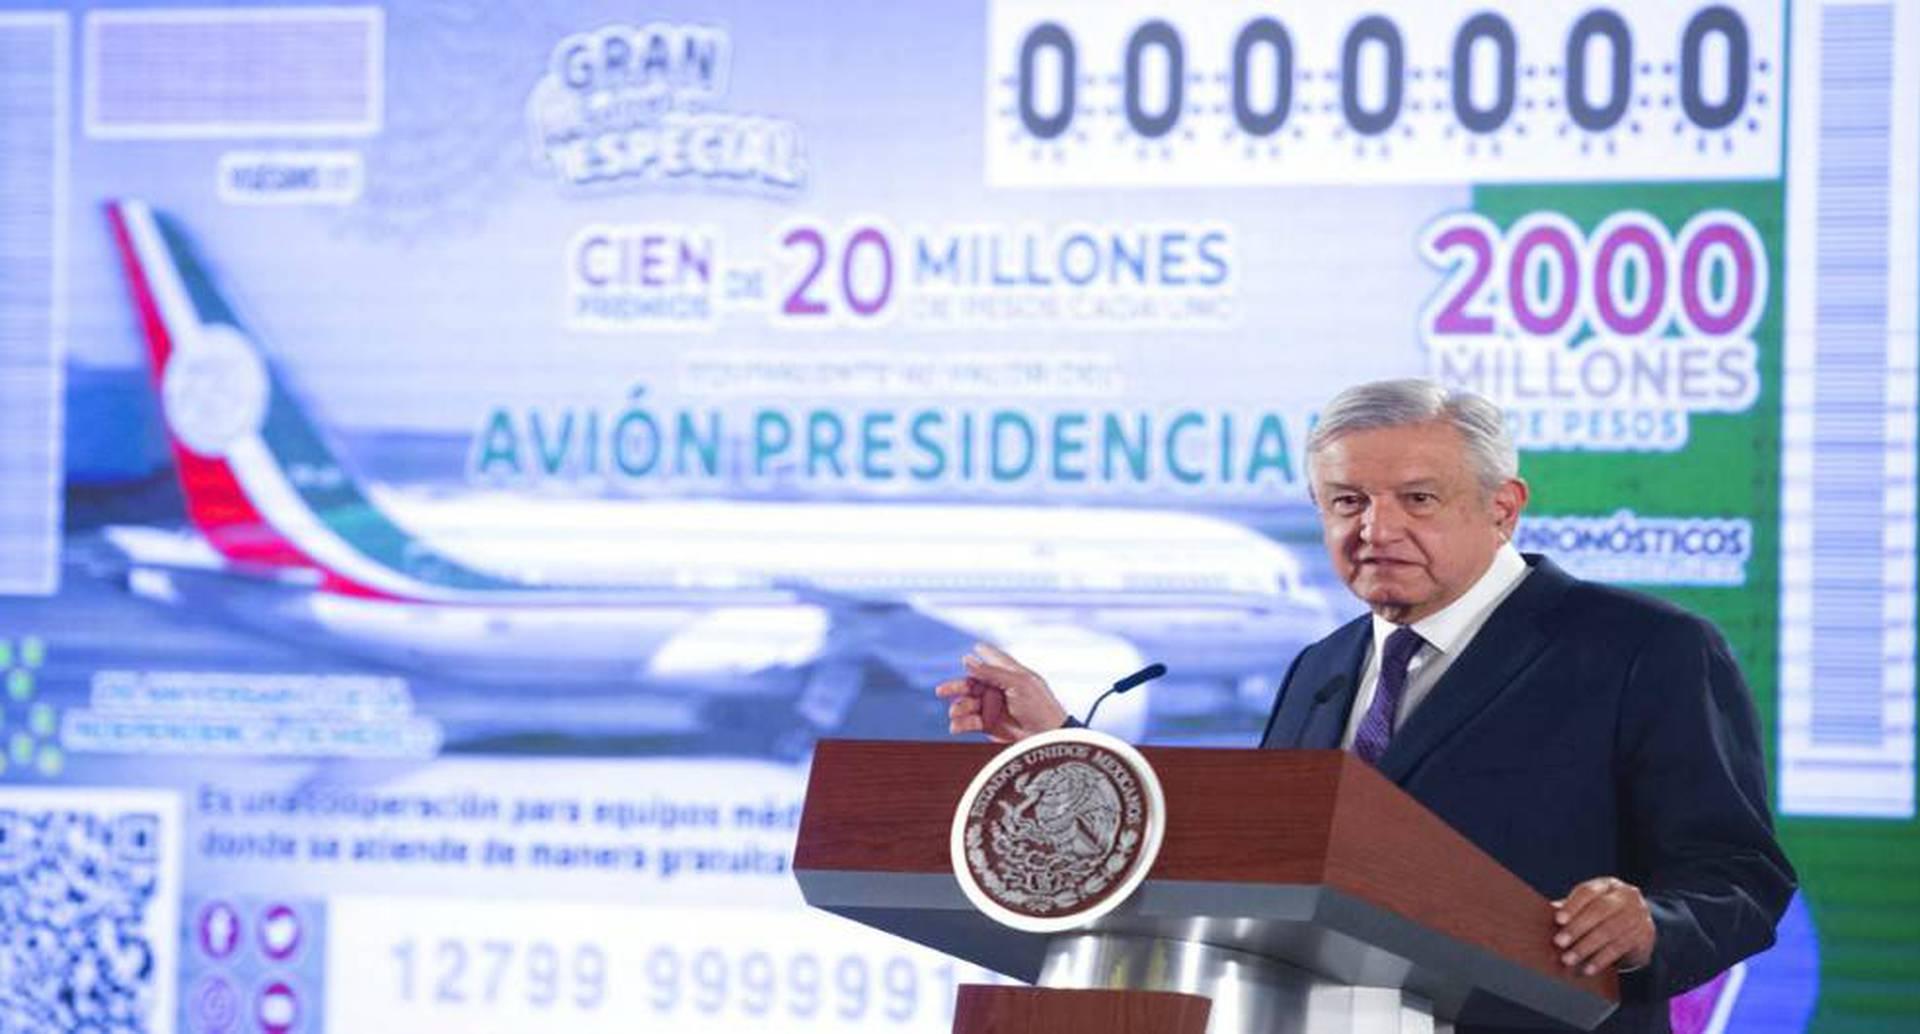 La rifa se llevará a cabo el 15 de septiembre, día de la conmemoración de la independencia de México. Foto: AP.